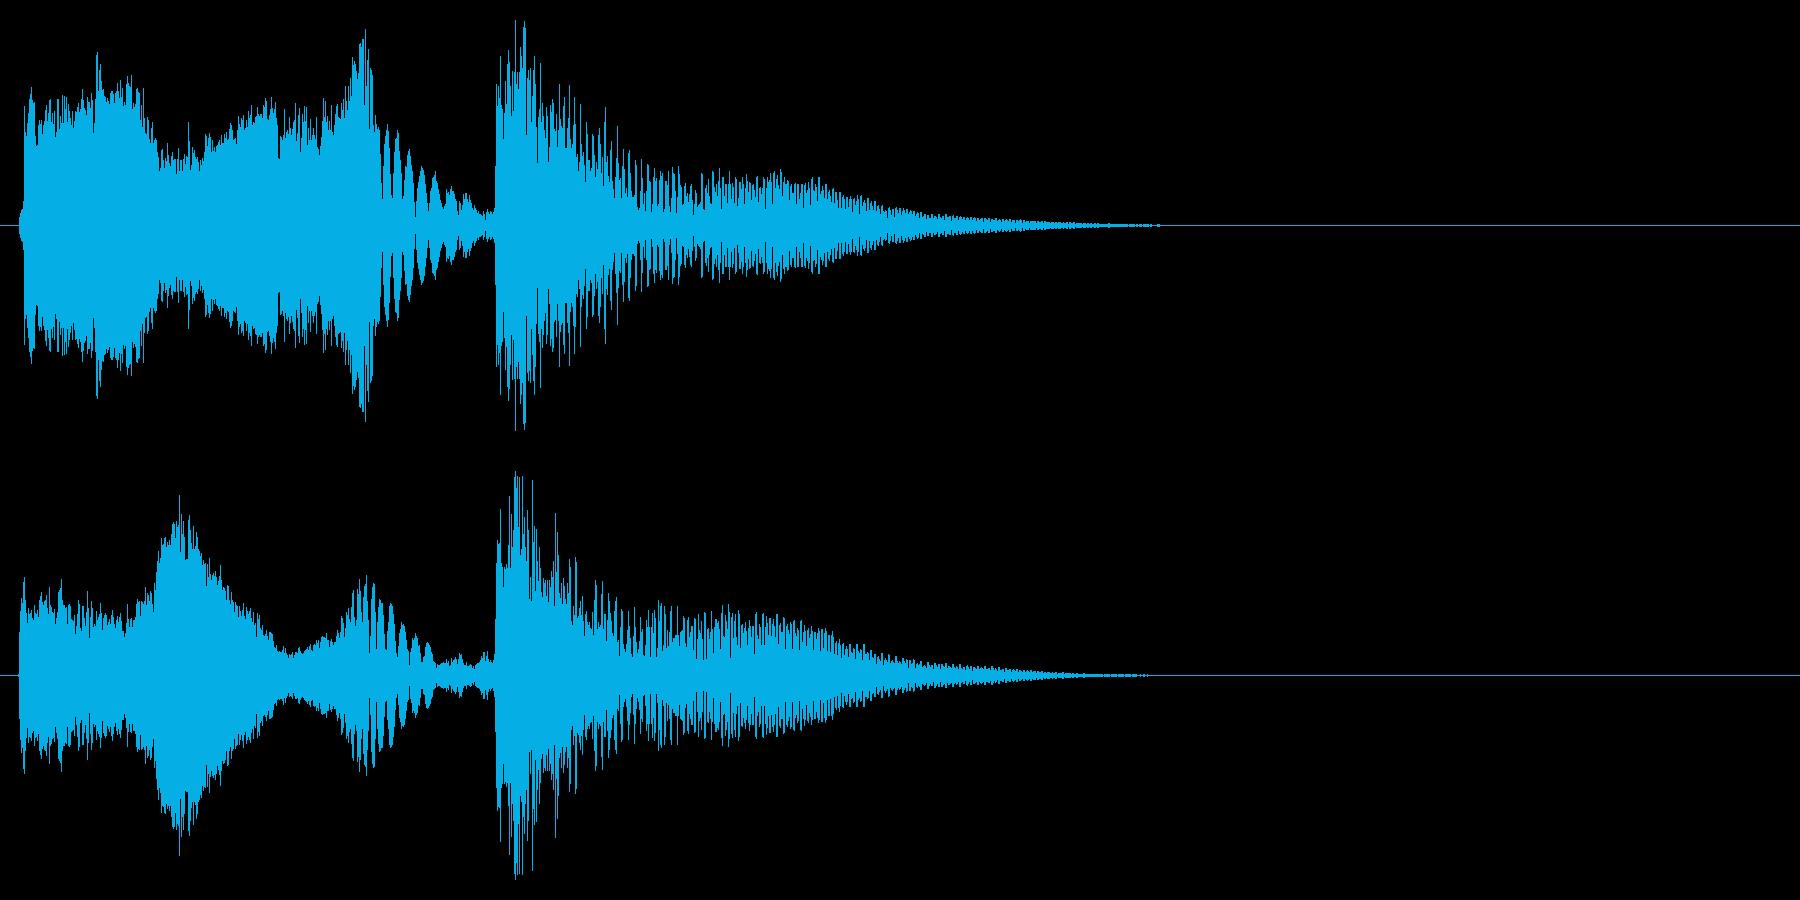 DJ,ラジオ系のサウンドロゴ,ジングル2の再生済みの波形